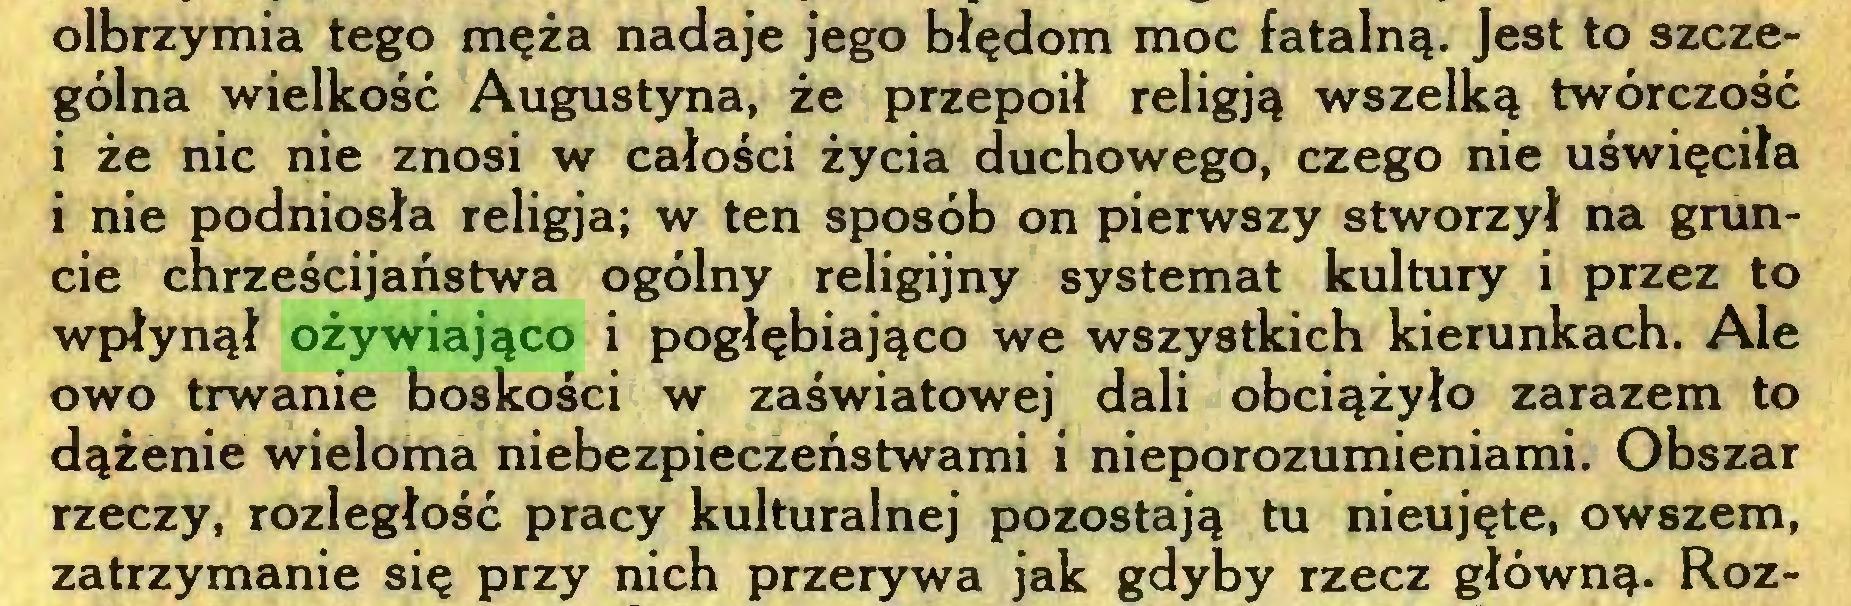 (...) olbrzymia tego męża nadaje jego błędom moc fatalną. Jest to szczególna wielkość Augustyna, że przepoił religją wszelką twórczość i że nic nie znosi w całości życia duchowego, czego nie uświęciła i nie podniosła religja; w ten sposób on pierwszy stworzył na gruncie chrześcijaństwa ogólny religijny systemat kultury i przez to wpłynął ożywiająco i pogłębiająco we wszystkich kierunkach. Ale owo trwanie boskości w zaświatowej dali obciążyło zarazem to dążenie wieloma niebezpieczeństwami i nieporozumieniami. Obszar rzeczy, rozległość pracy kulturalnej pozostają tu nieujęte, owszem, zatrzymanie się przy nich przerywa jak gdyby rzecz główną. Roz...